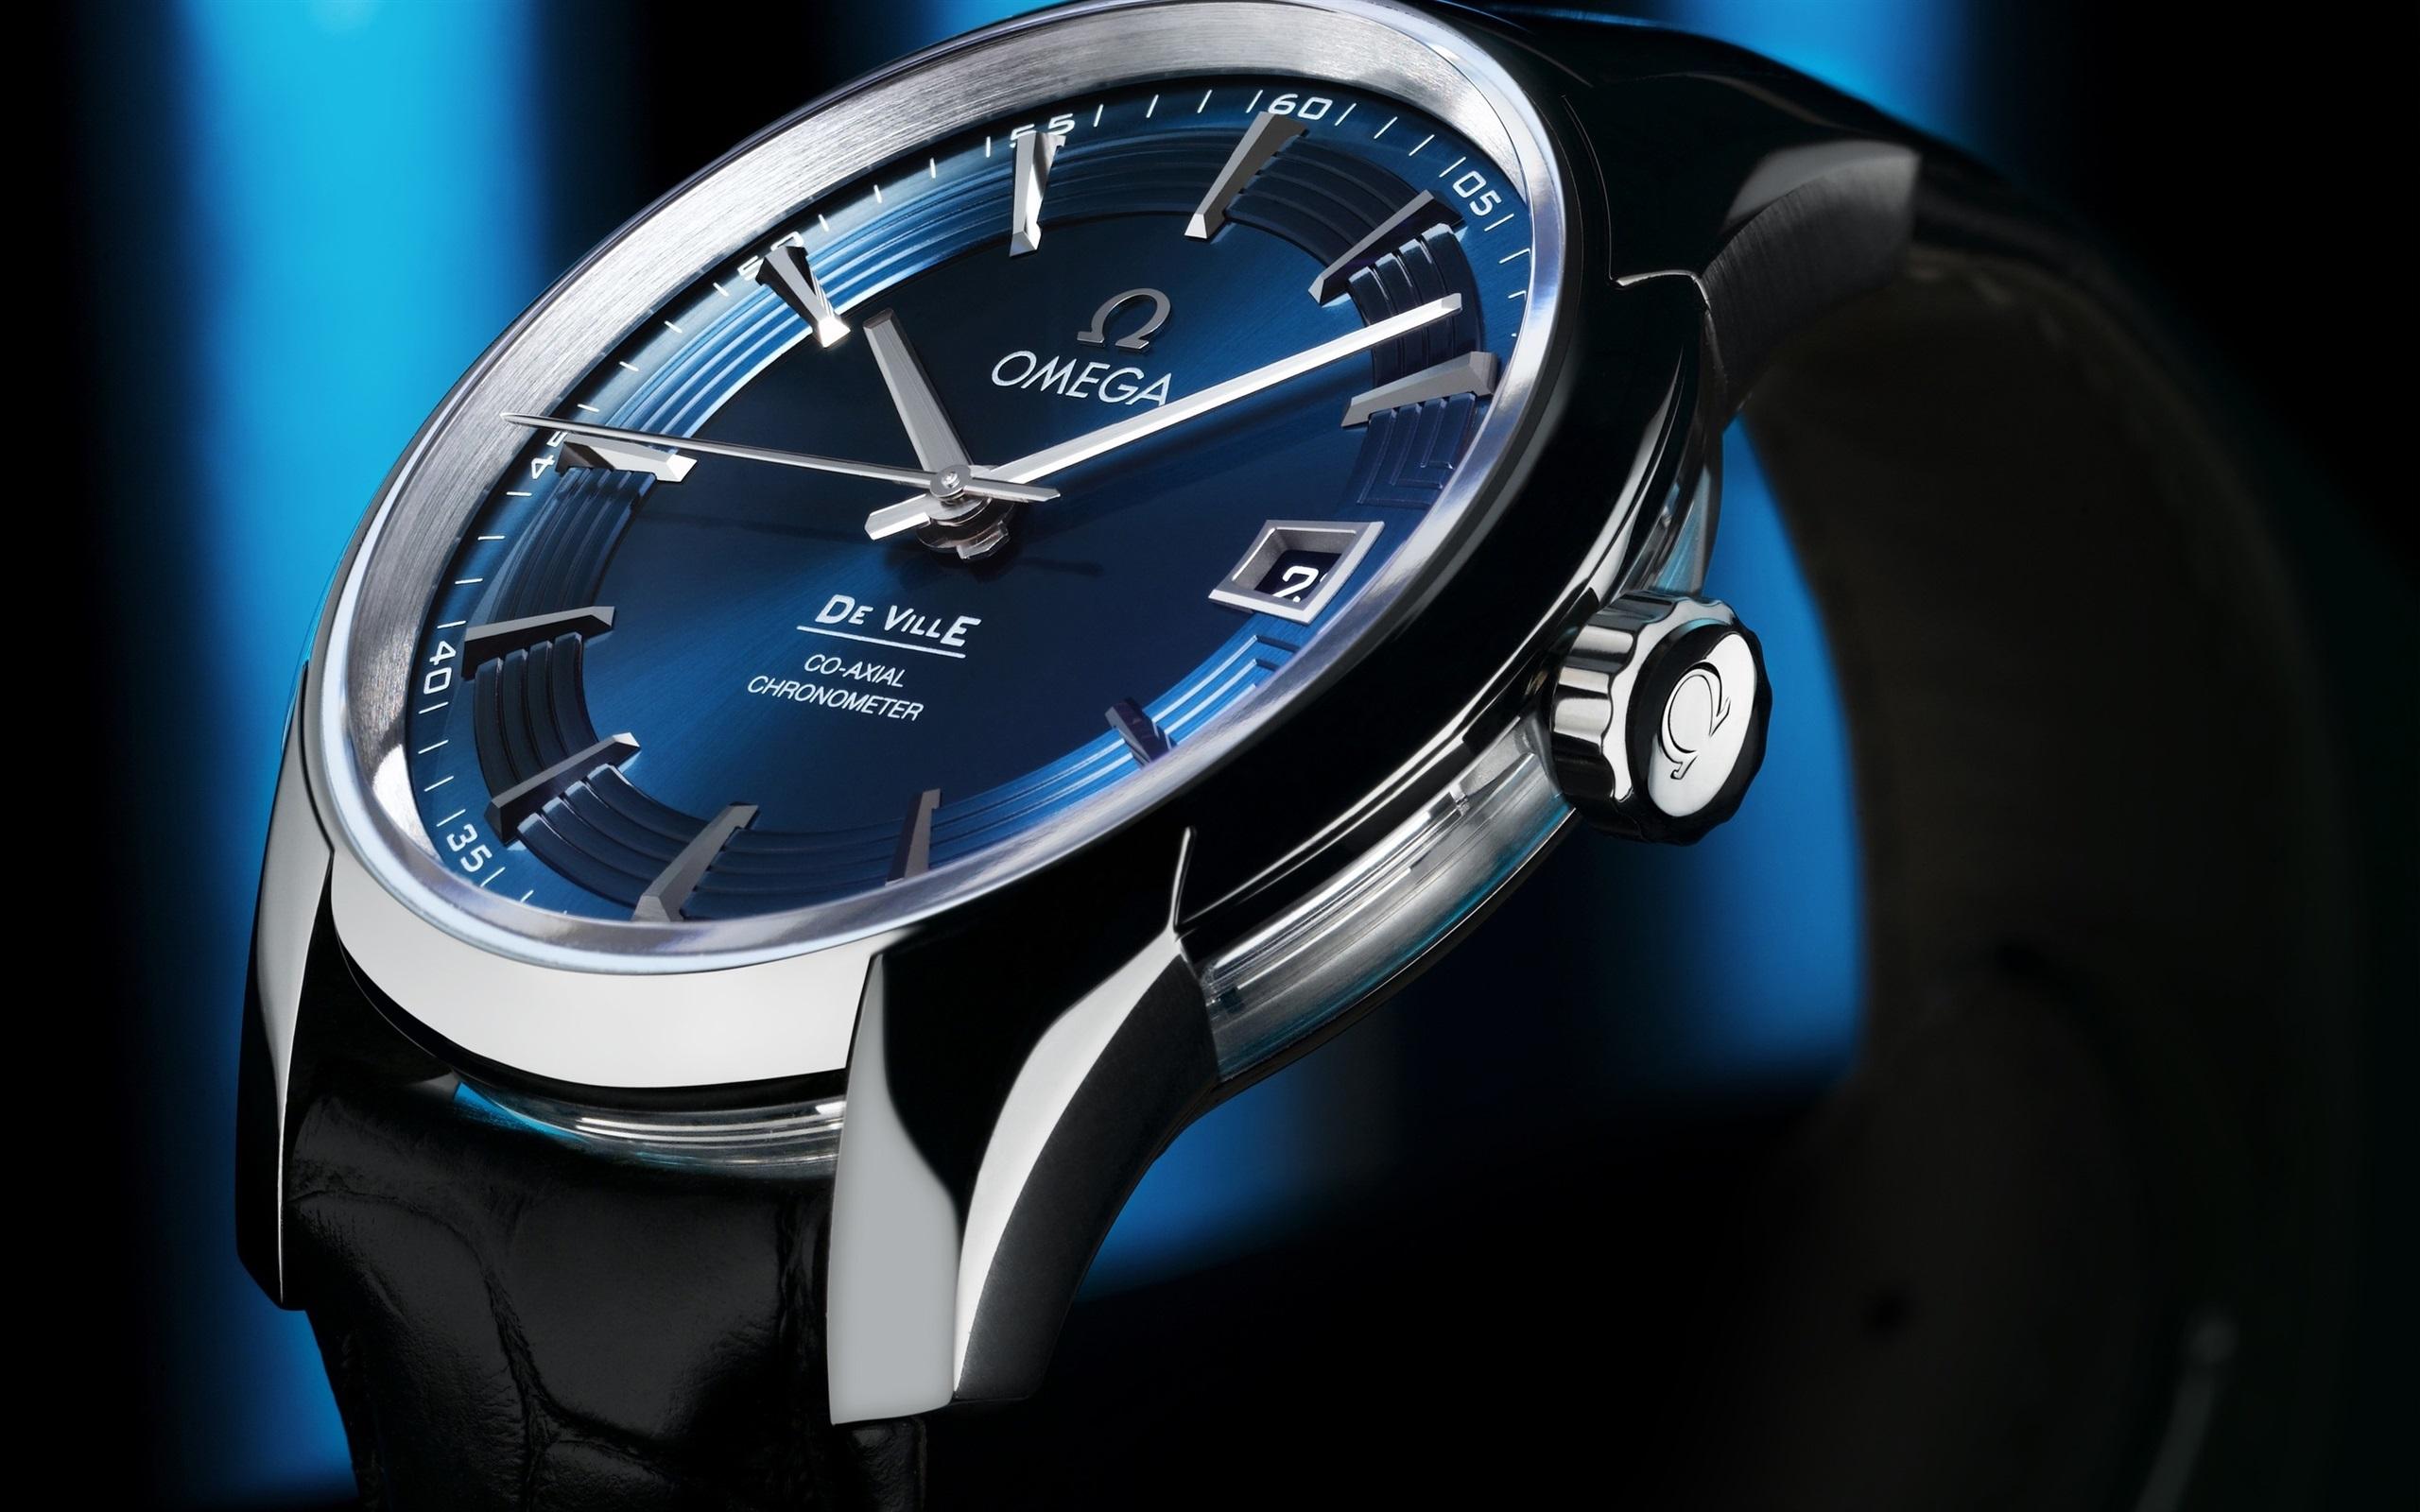 壁紙 オメガ時計 高品質 x1800 Hd 無料のデスクトップの背景 画像